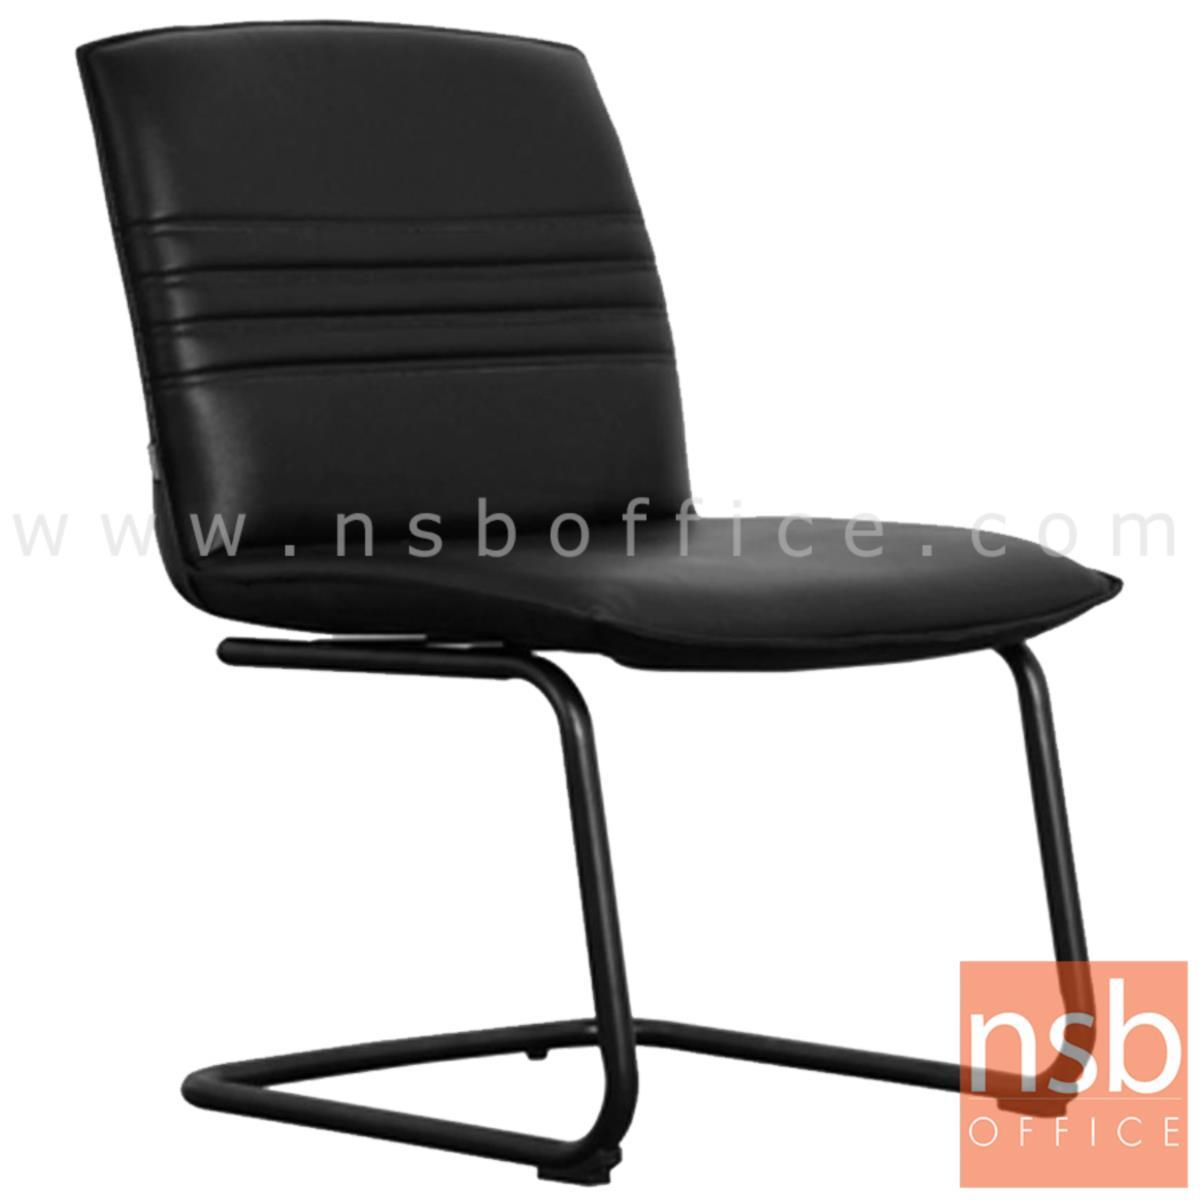 B04A187:เก้าอี้รับแขกขาตัวซี รุ่น Sunflower (ซันฟลาวเวอร์)  ไม่มีท้าวแขน ขาเหล็กพ่นดำ